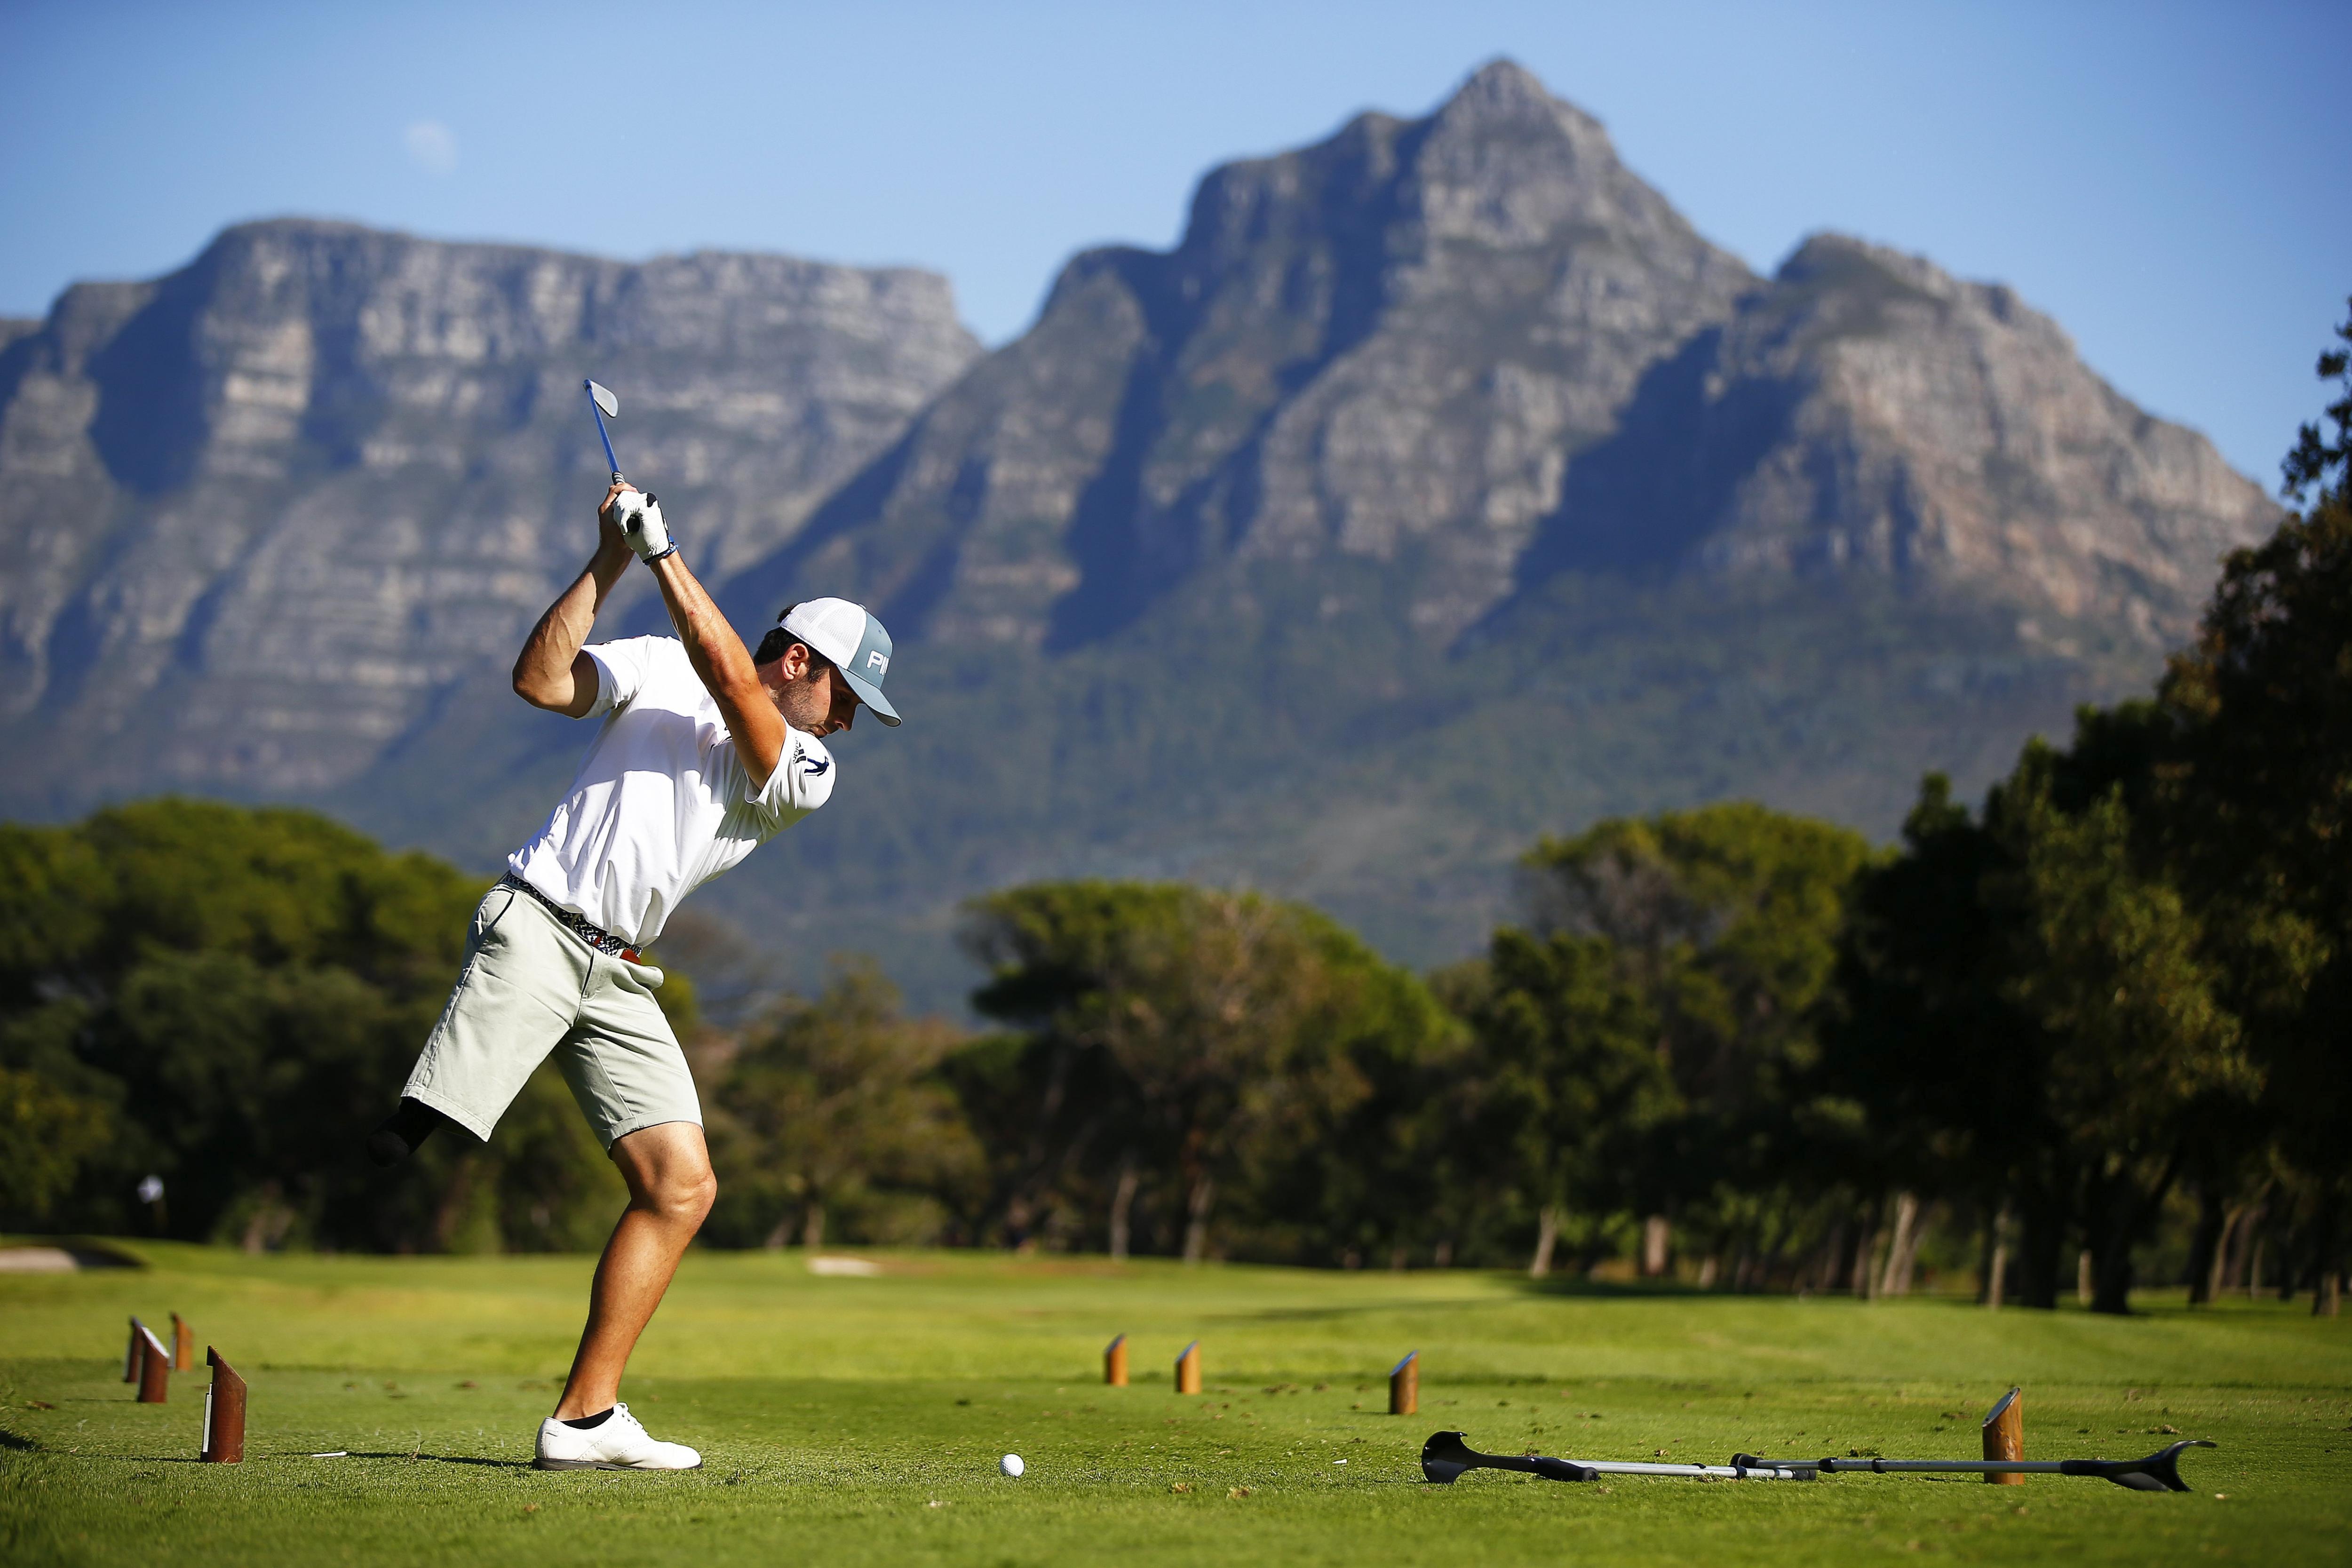 El golfista Juan Postigo copeja la bolla en el Campionat del Món de golf per a discapacitats en el club King David Mowbray a Sud-àfrica. /NIC BOTHMA